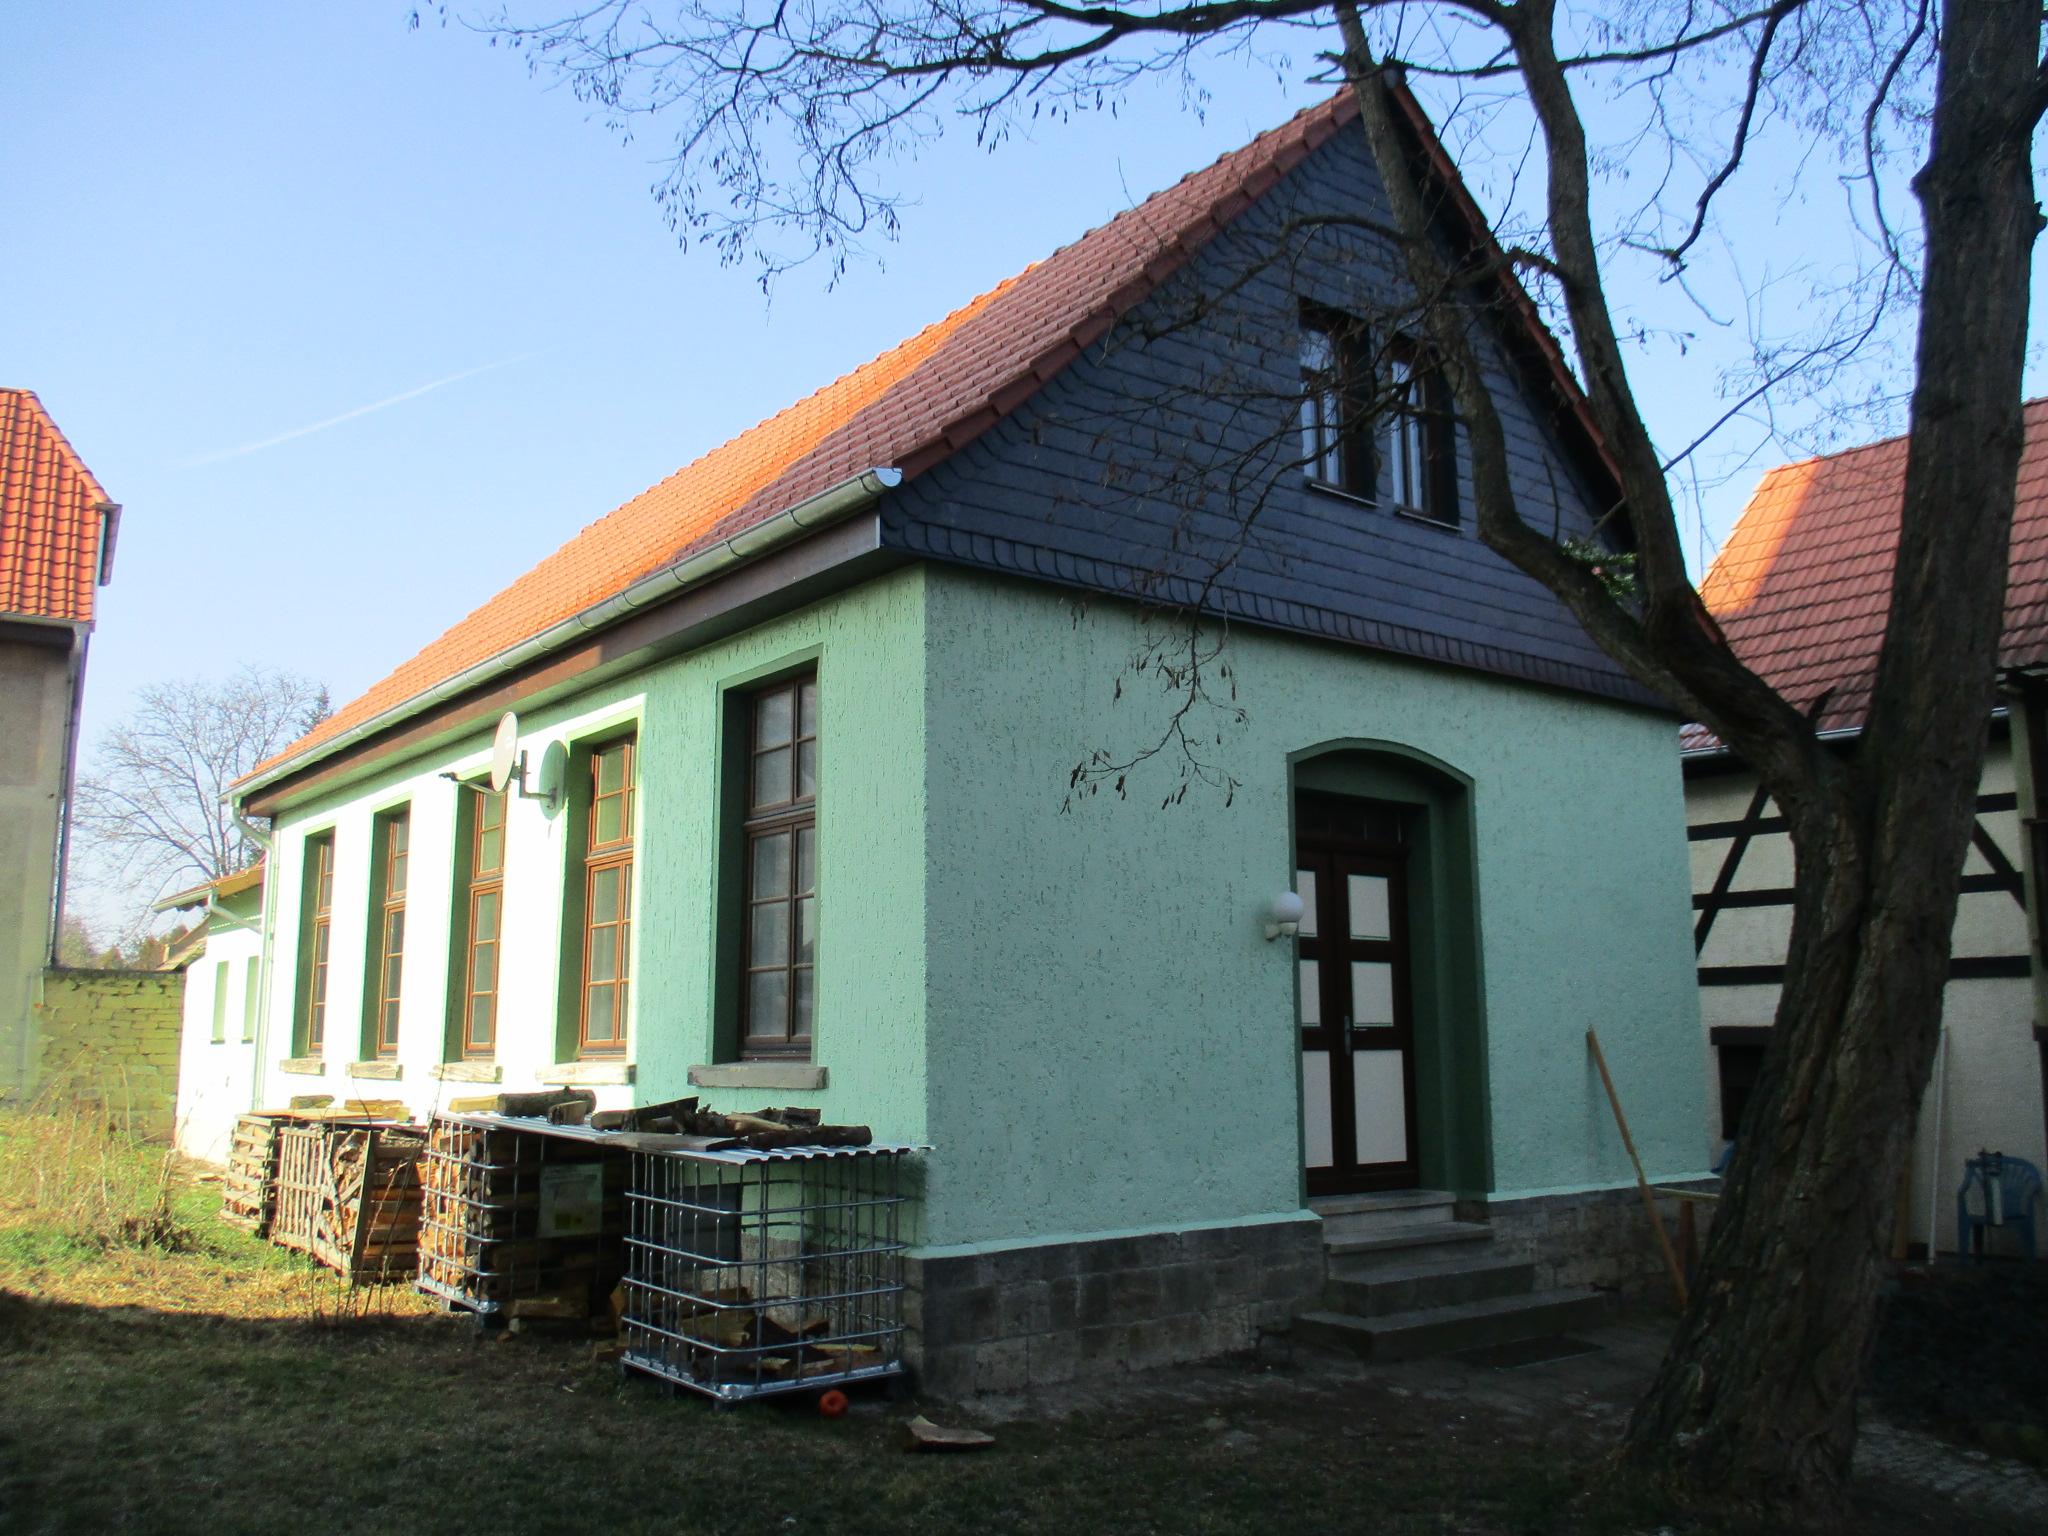 Jugendclub / Franz-Magnus-Böhme-Archiv, RAG Weimarer Land - Mittelthüringen e.V.